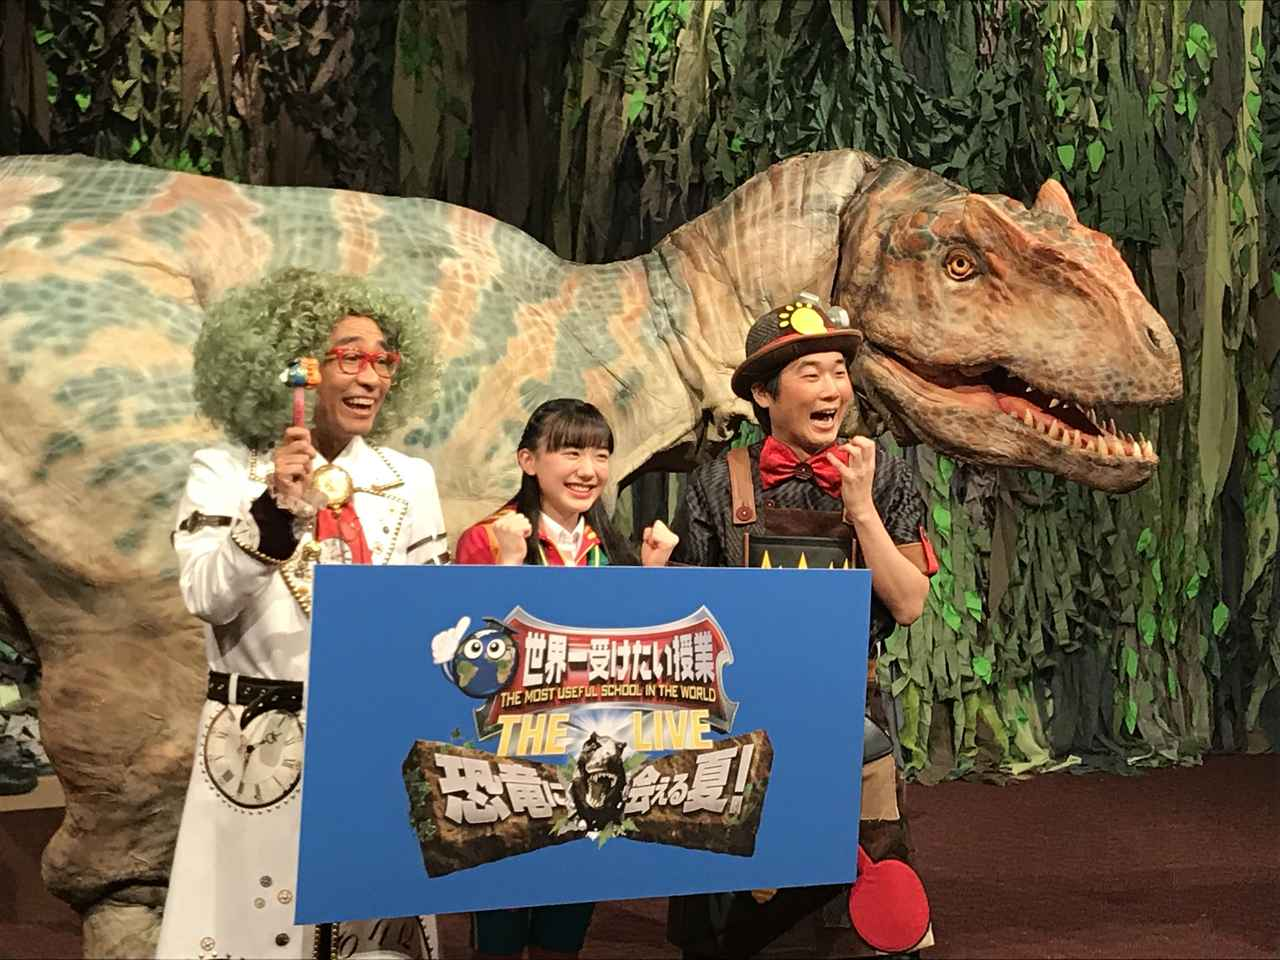 画像: ナビゲートするのは芦田愛菜、八嶋智人、山崎樹範。3人と一緒に古代の世界に旅立ち、恐竜たちに会いに行こう!